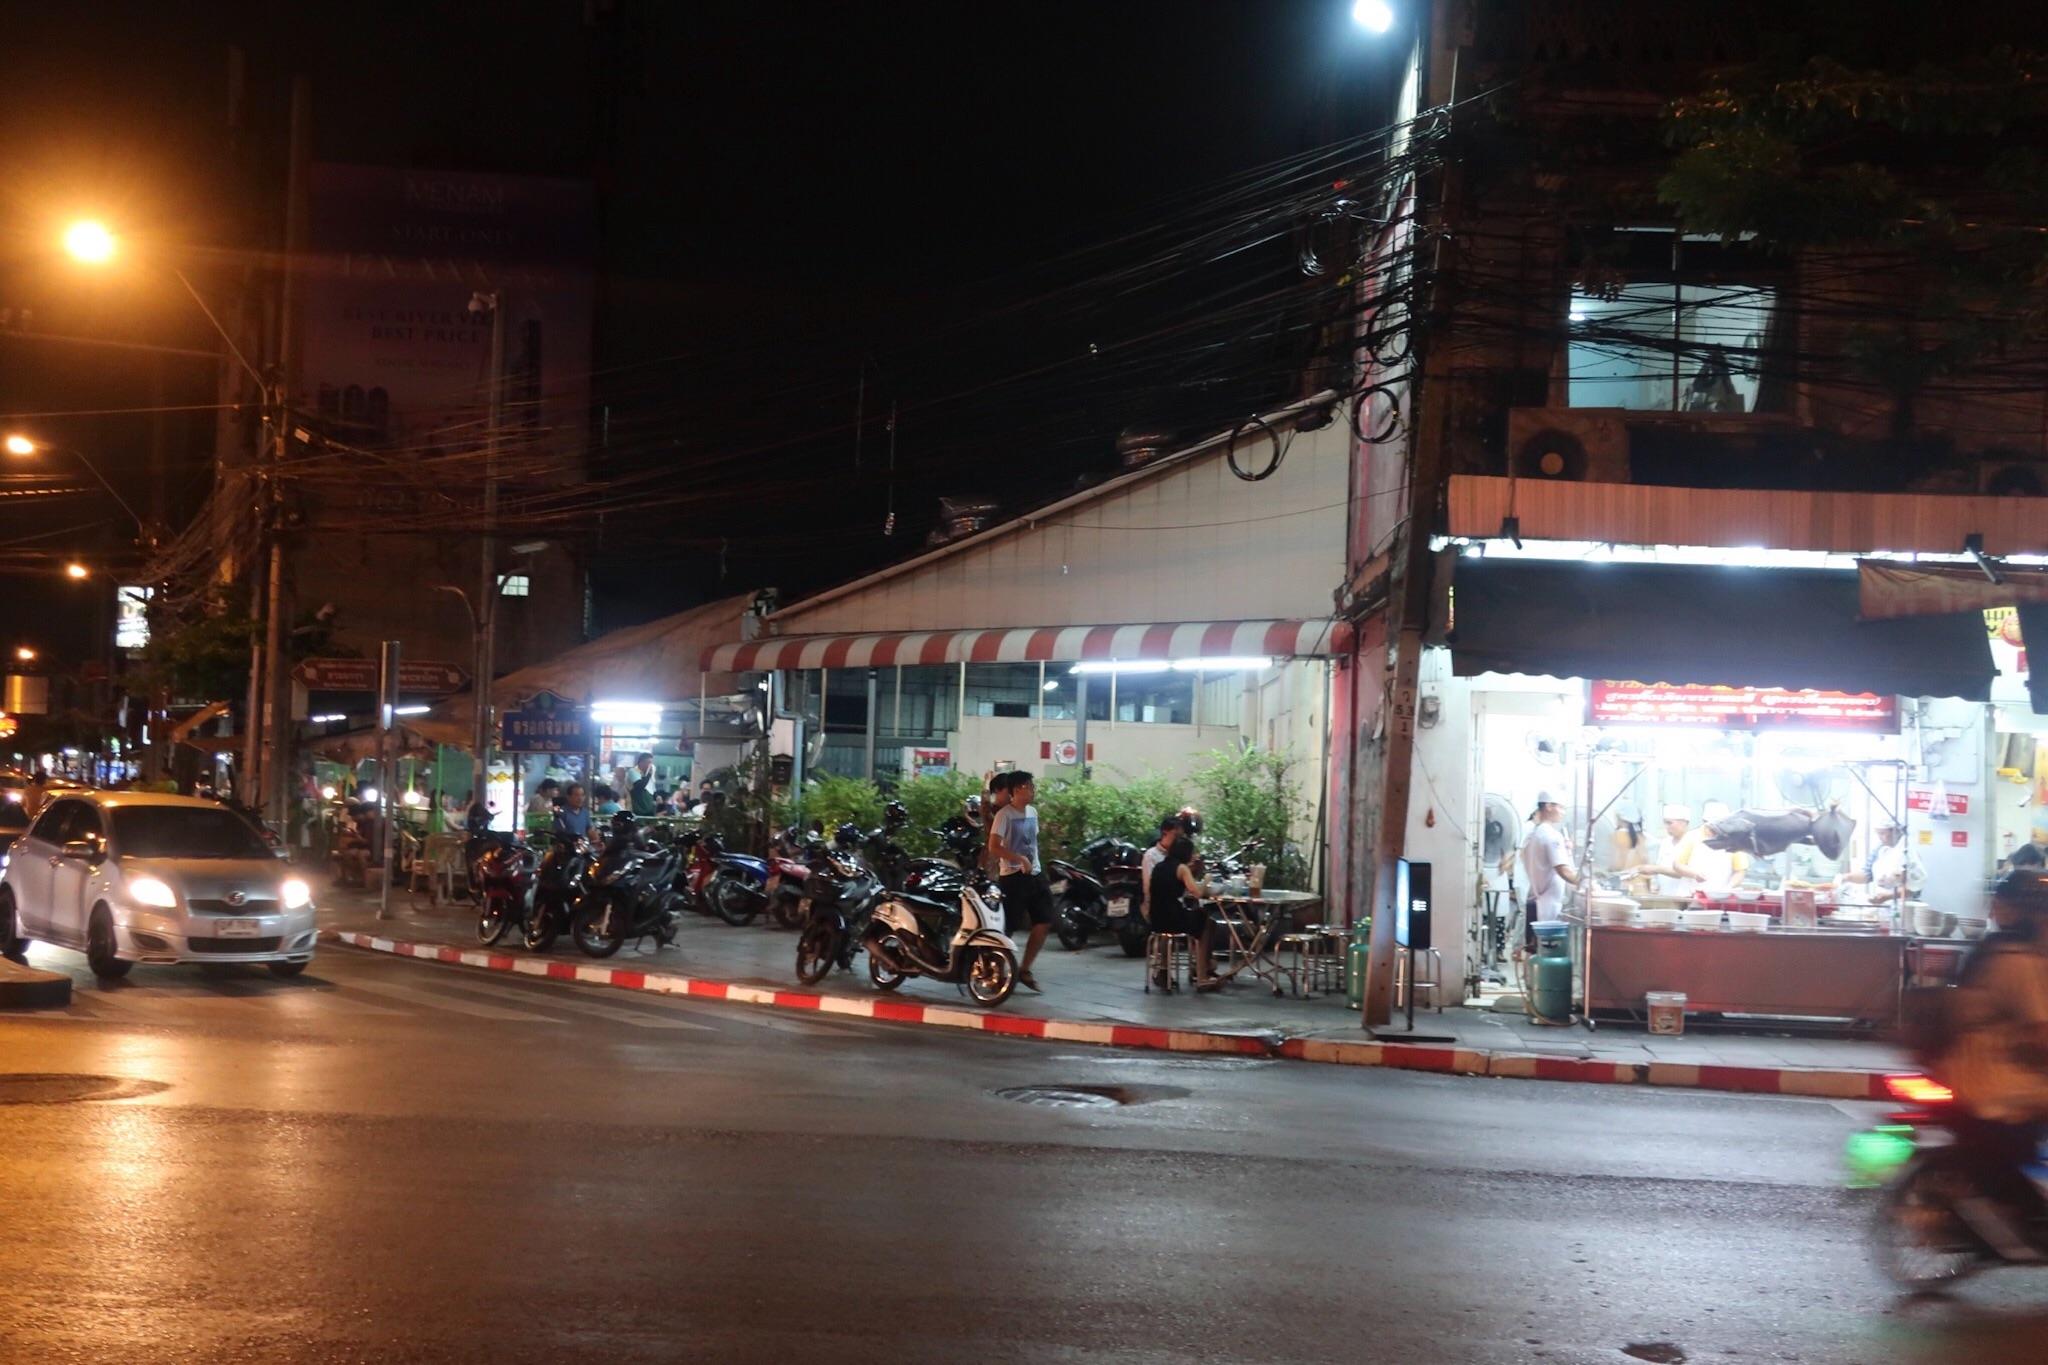 Mugata shop henghengheng